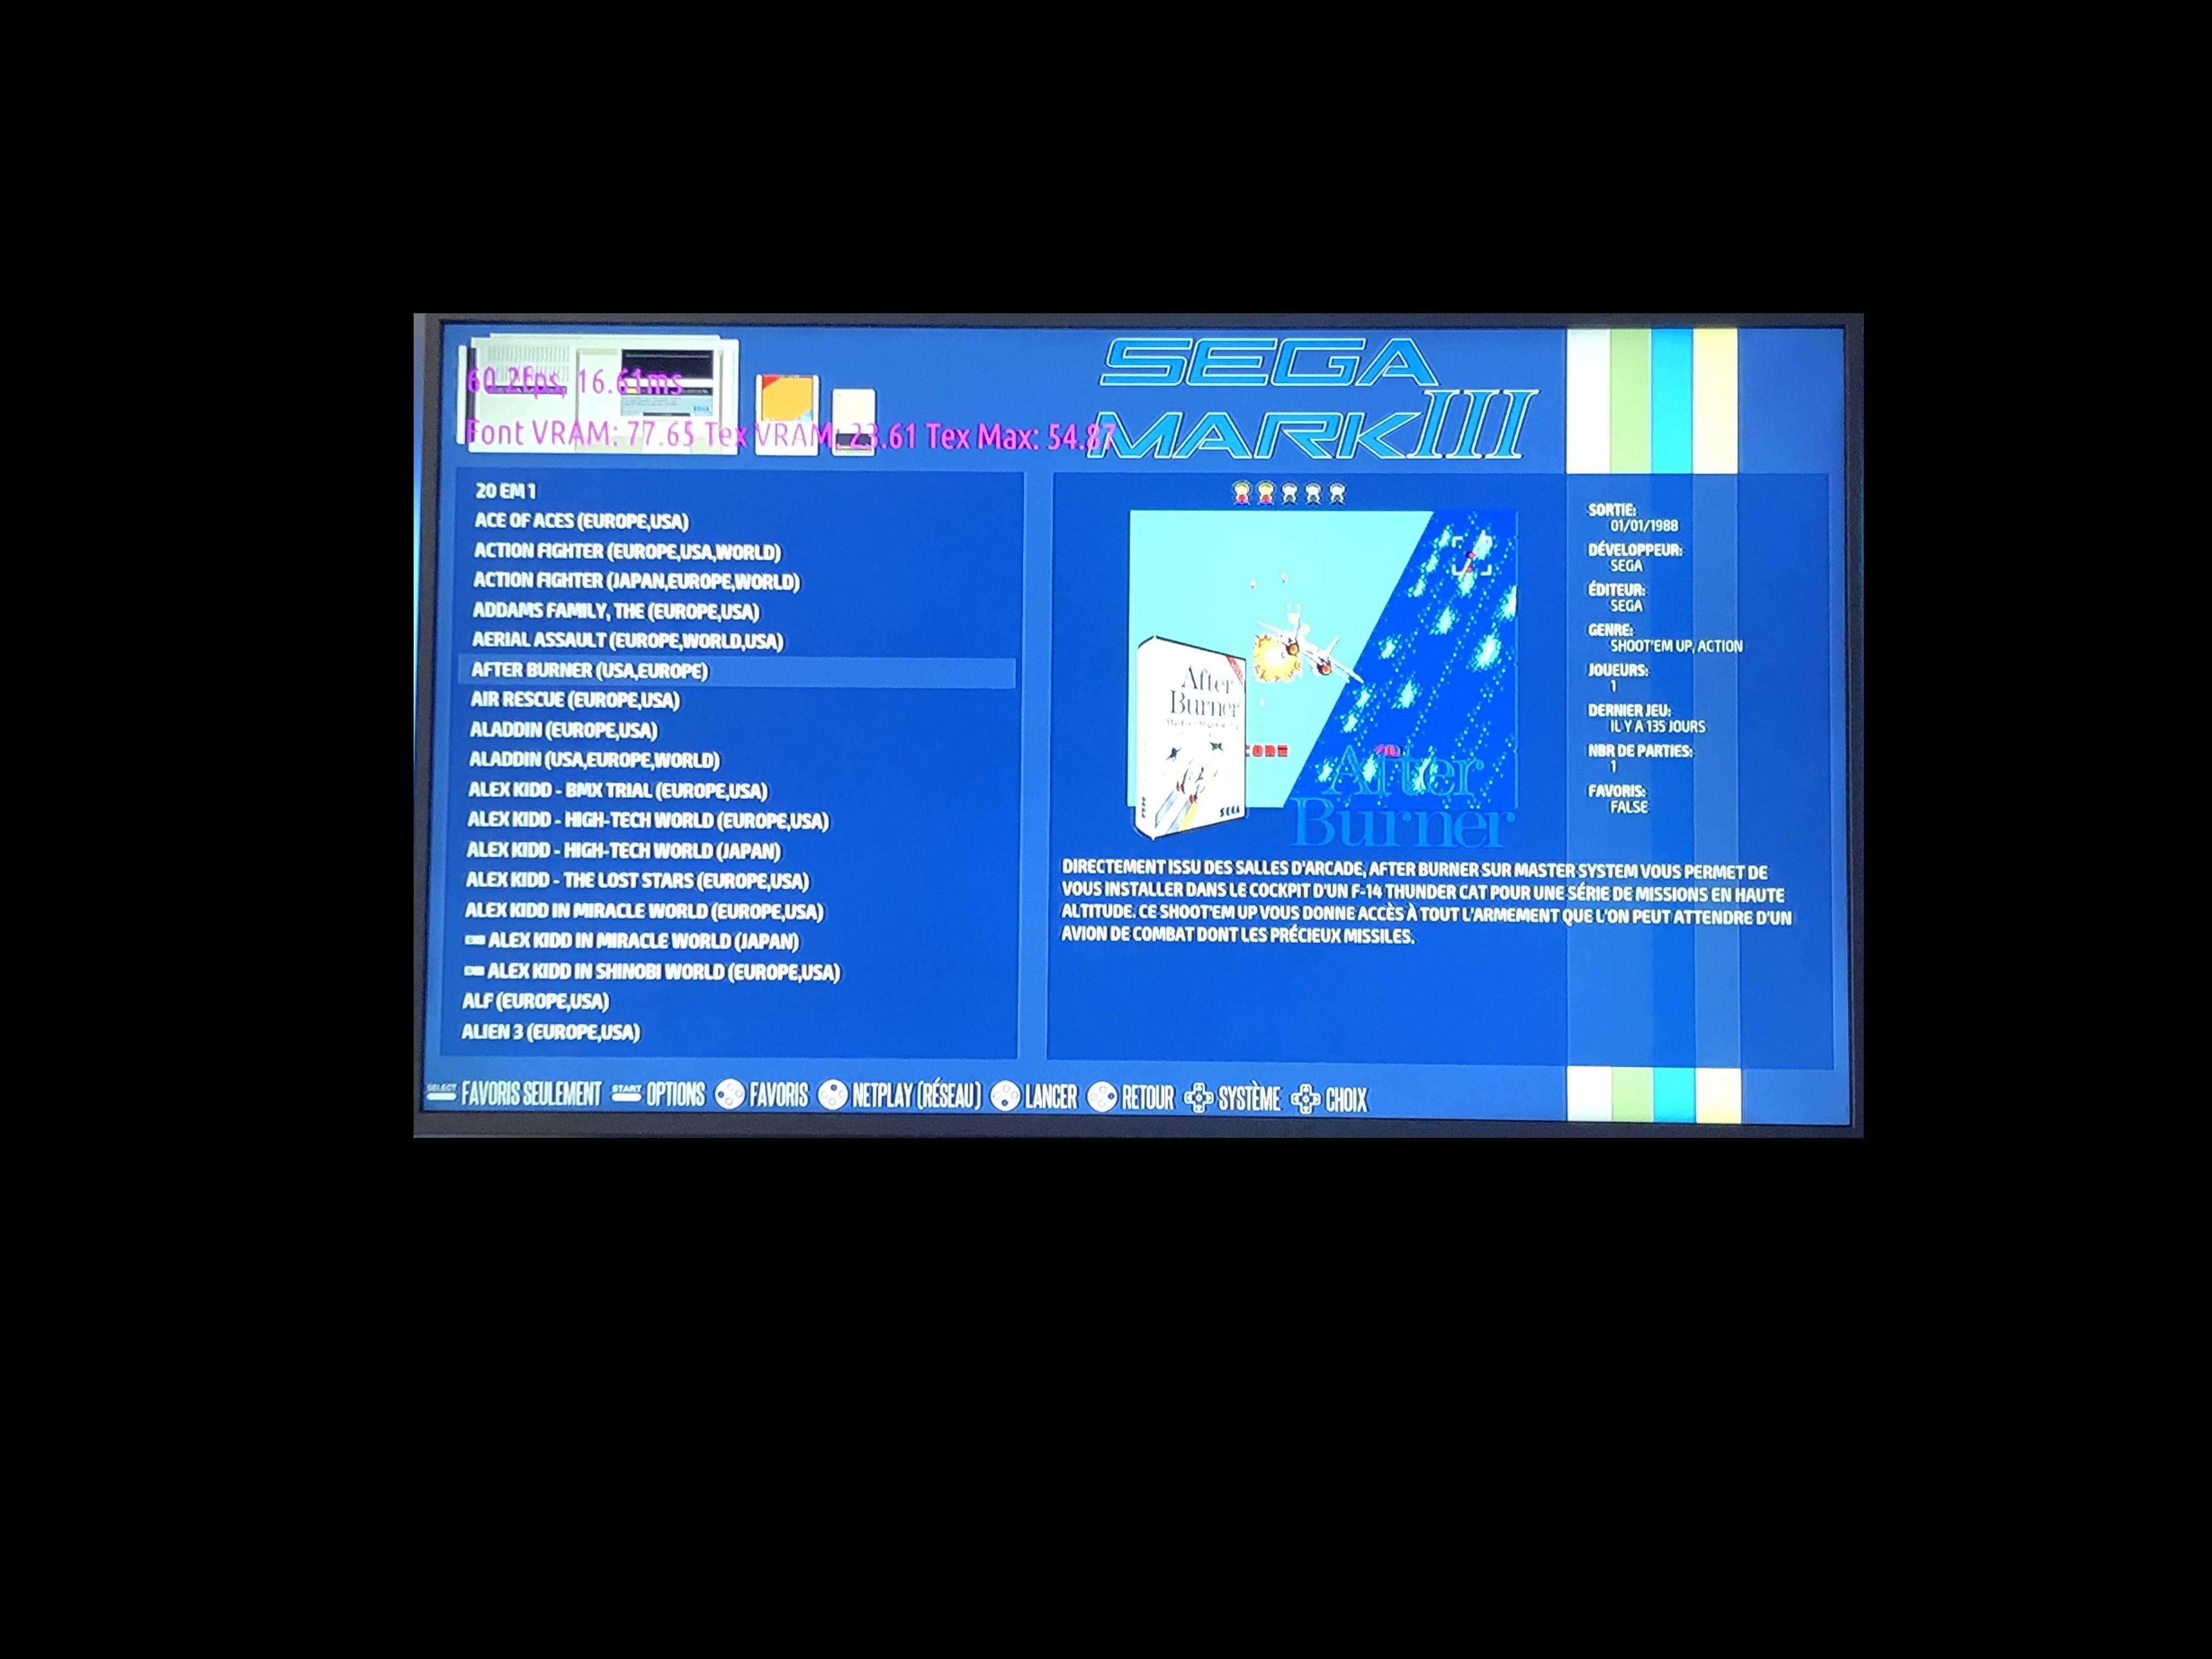 recalbox.jpg